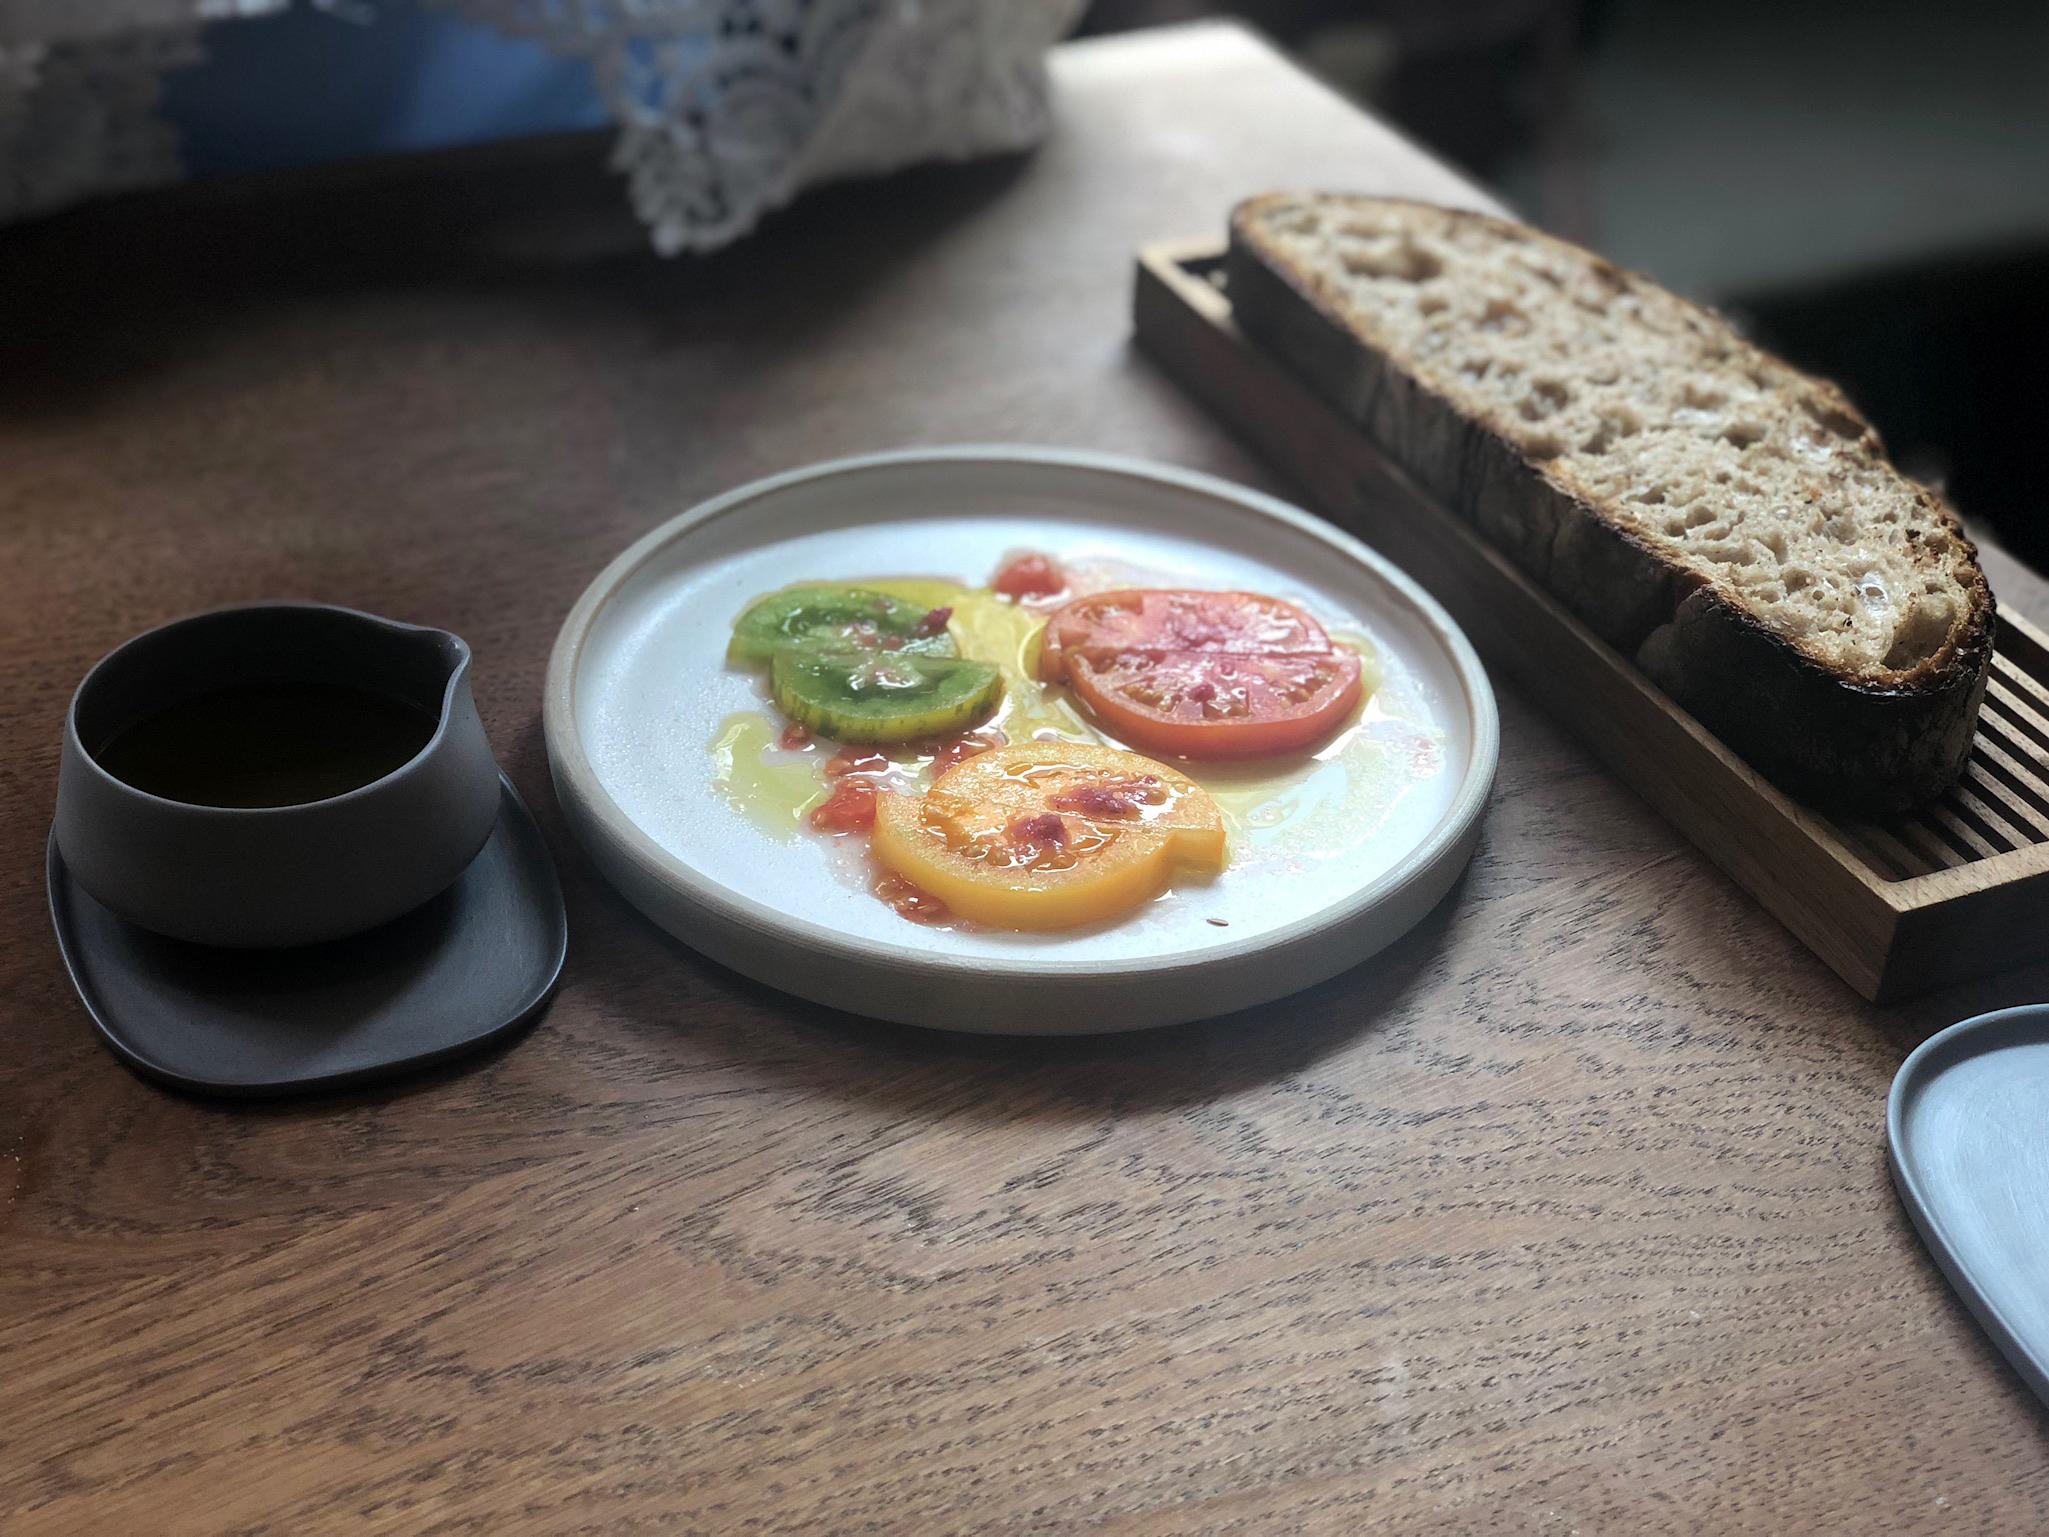 iPhone X Potrait - Relae - Pâine cu maia, ulei de mâsline din Sicilia, roșii proaspete